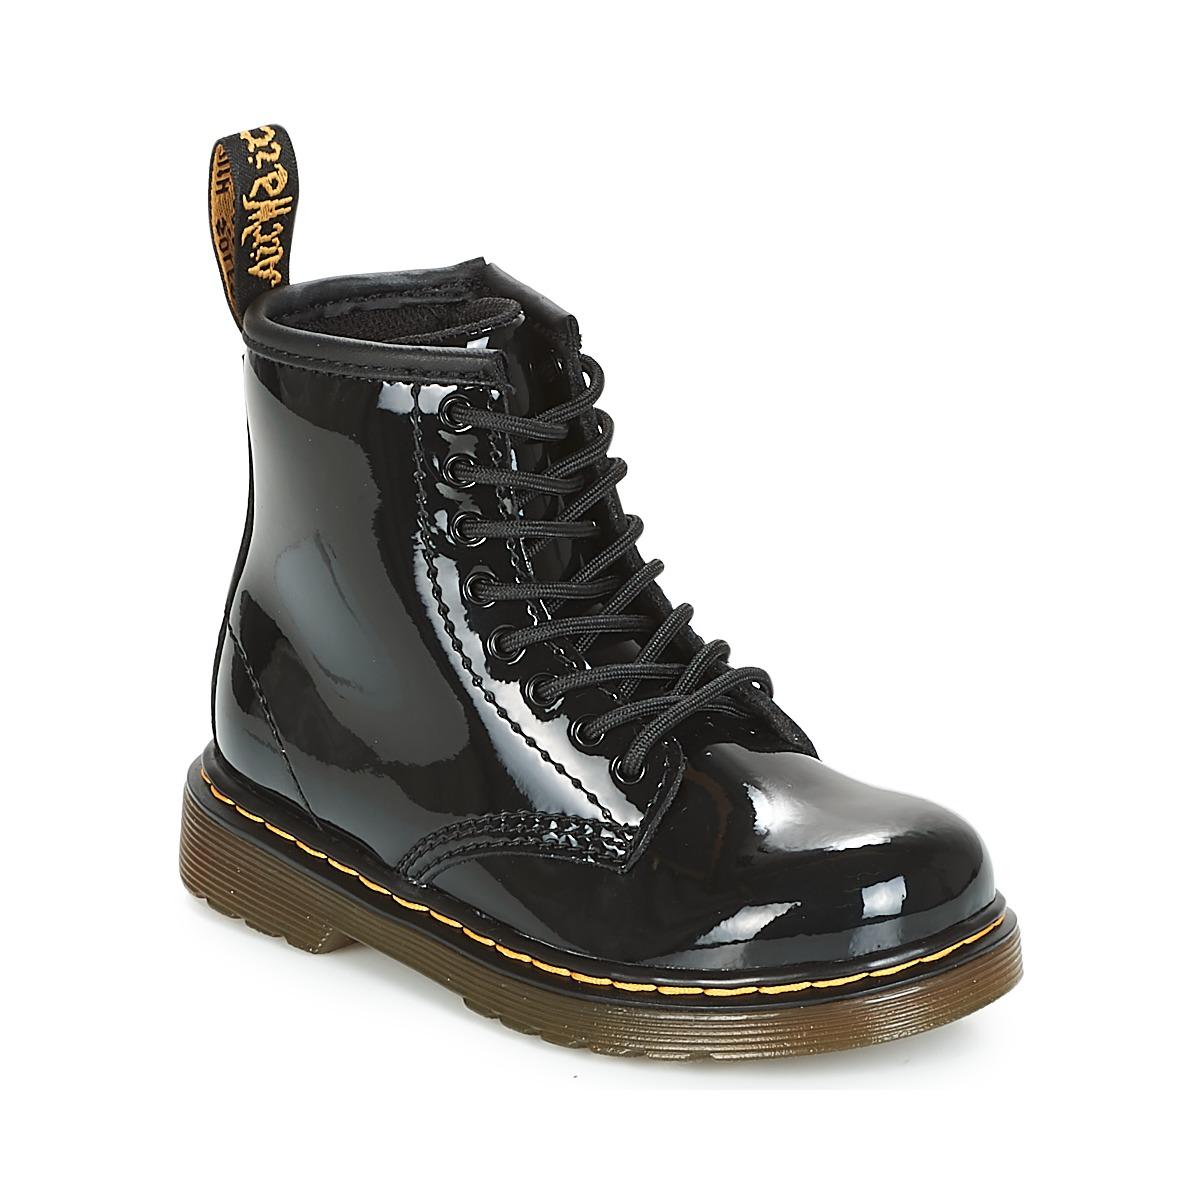 Støvler til børn Dr Martens  1460 PATENT CADET